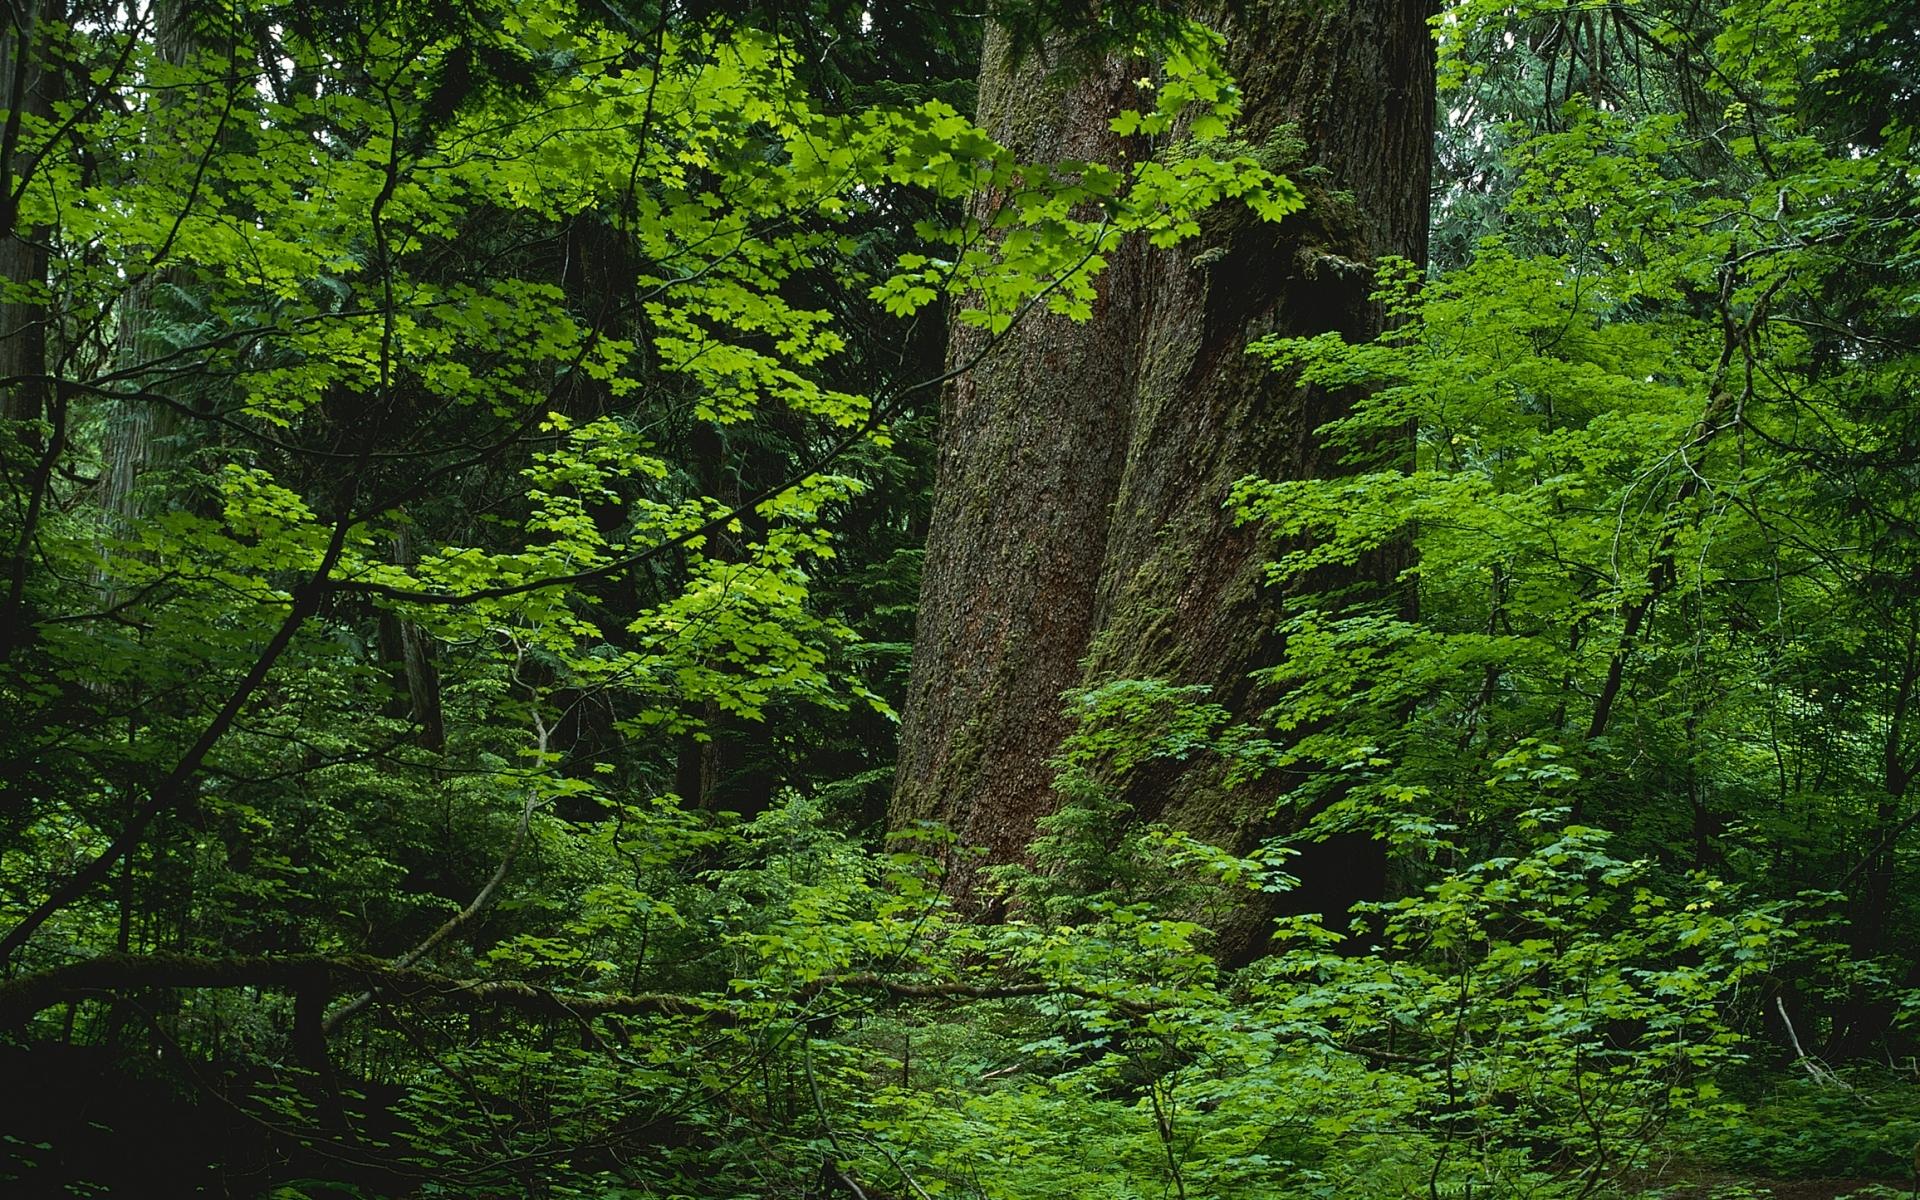 Скачать картинку Деревья, Пейзаж, Растения в телефон бесплатно.